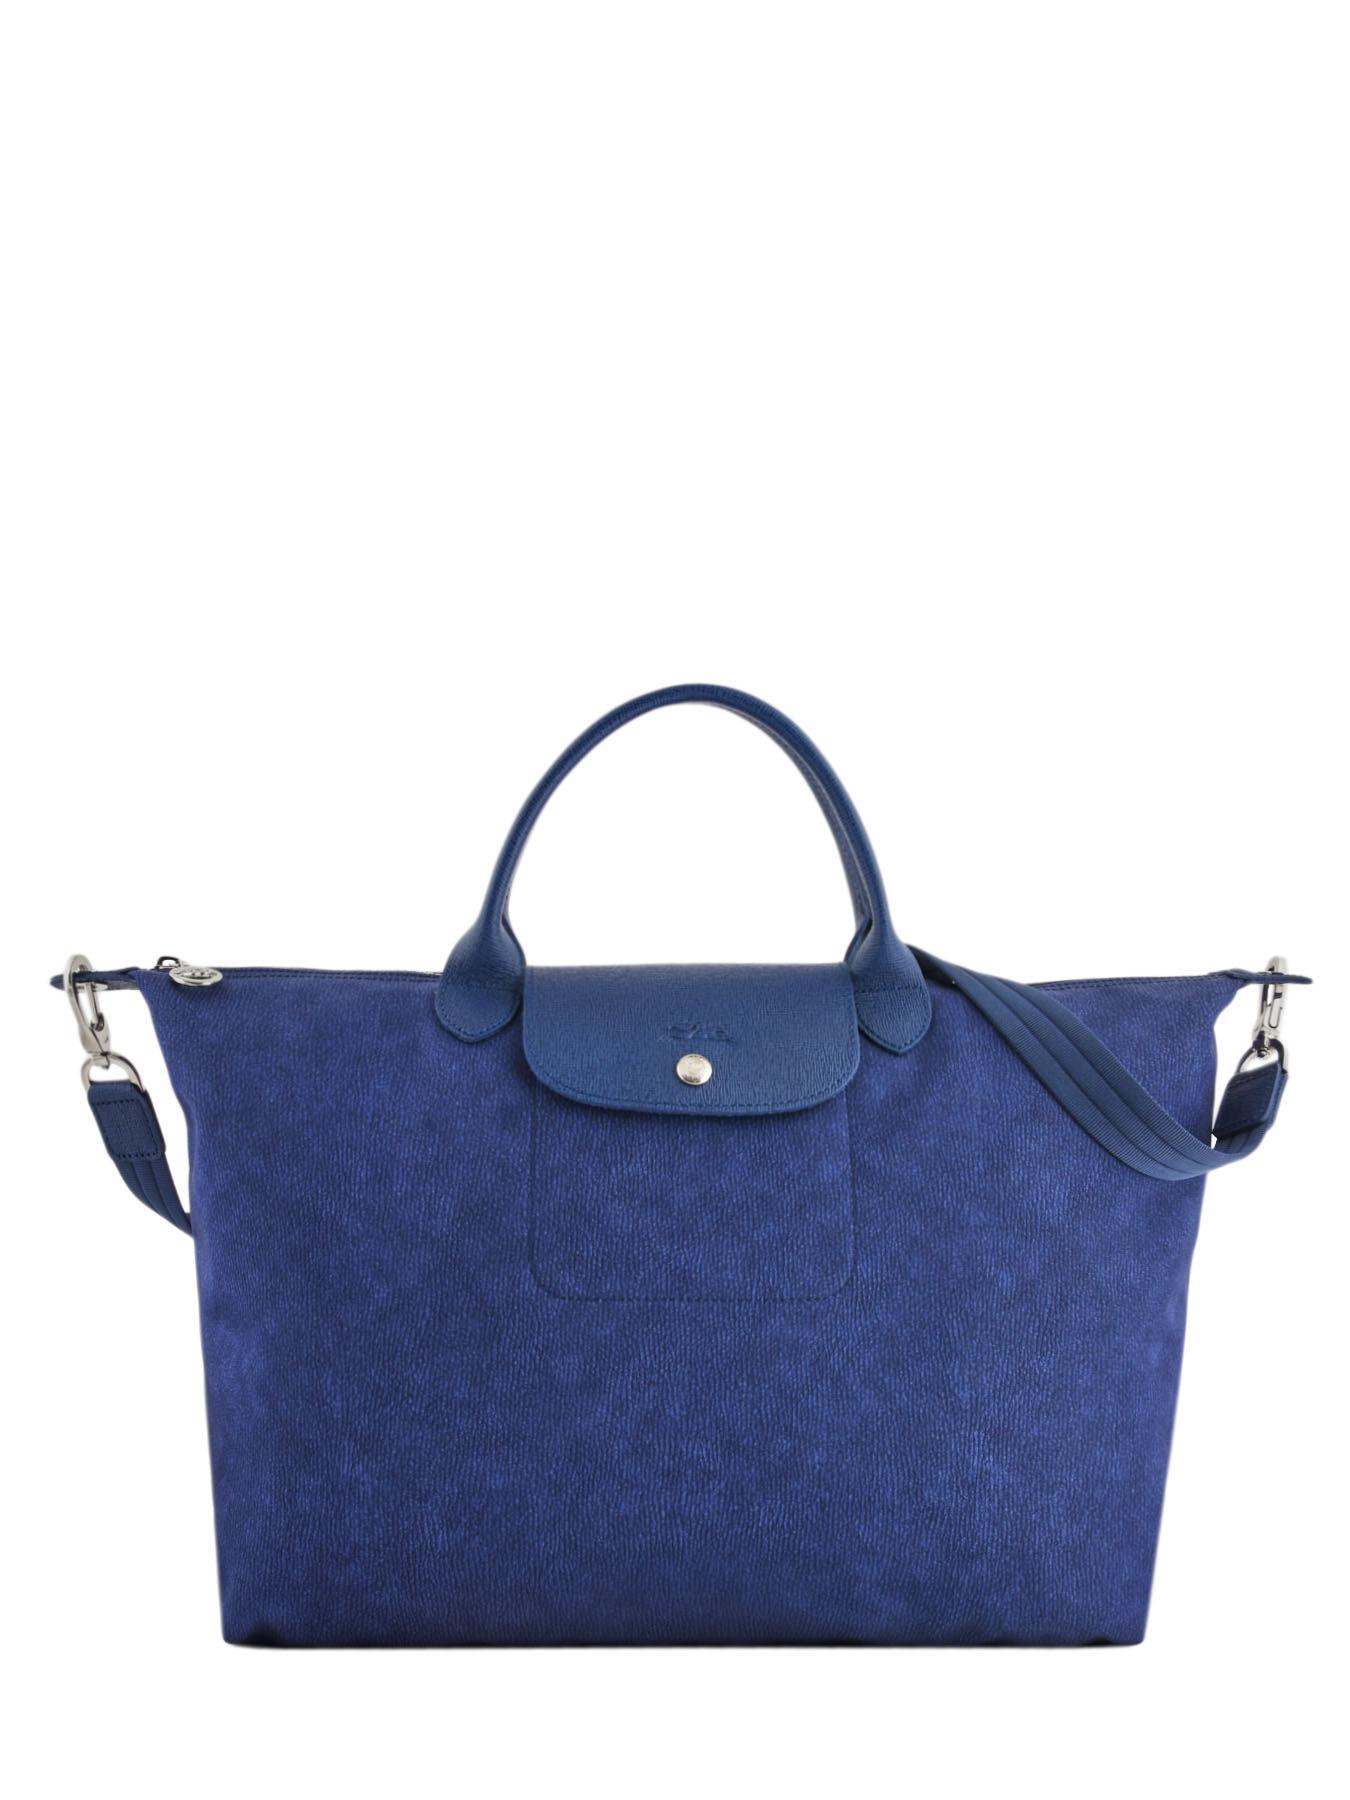 ... Longchamp Le pliage nÉo jean s Handbag Black ... 7034078360d34